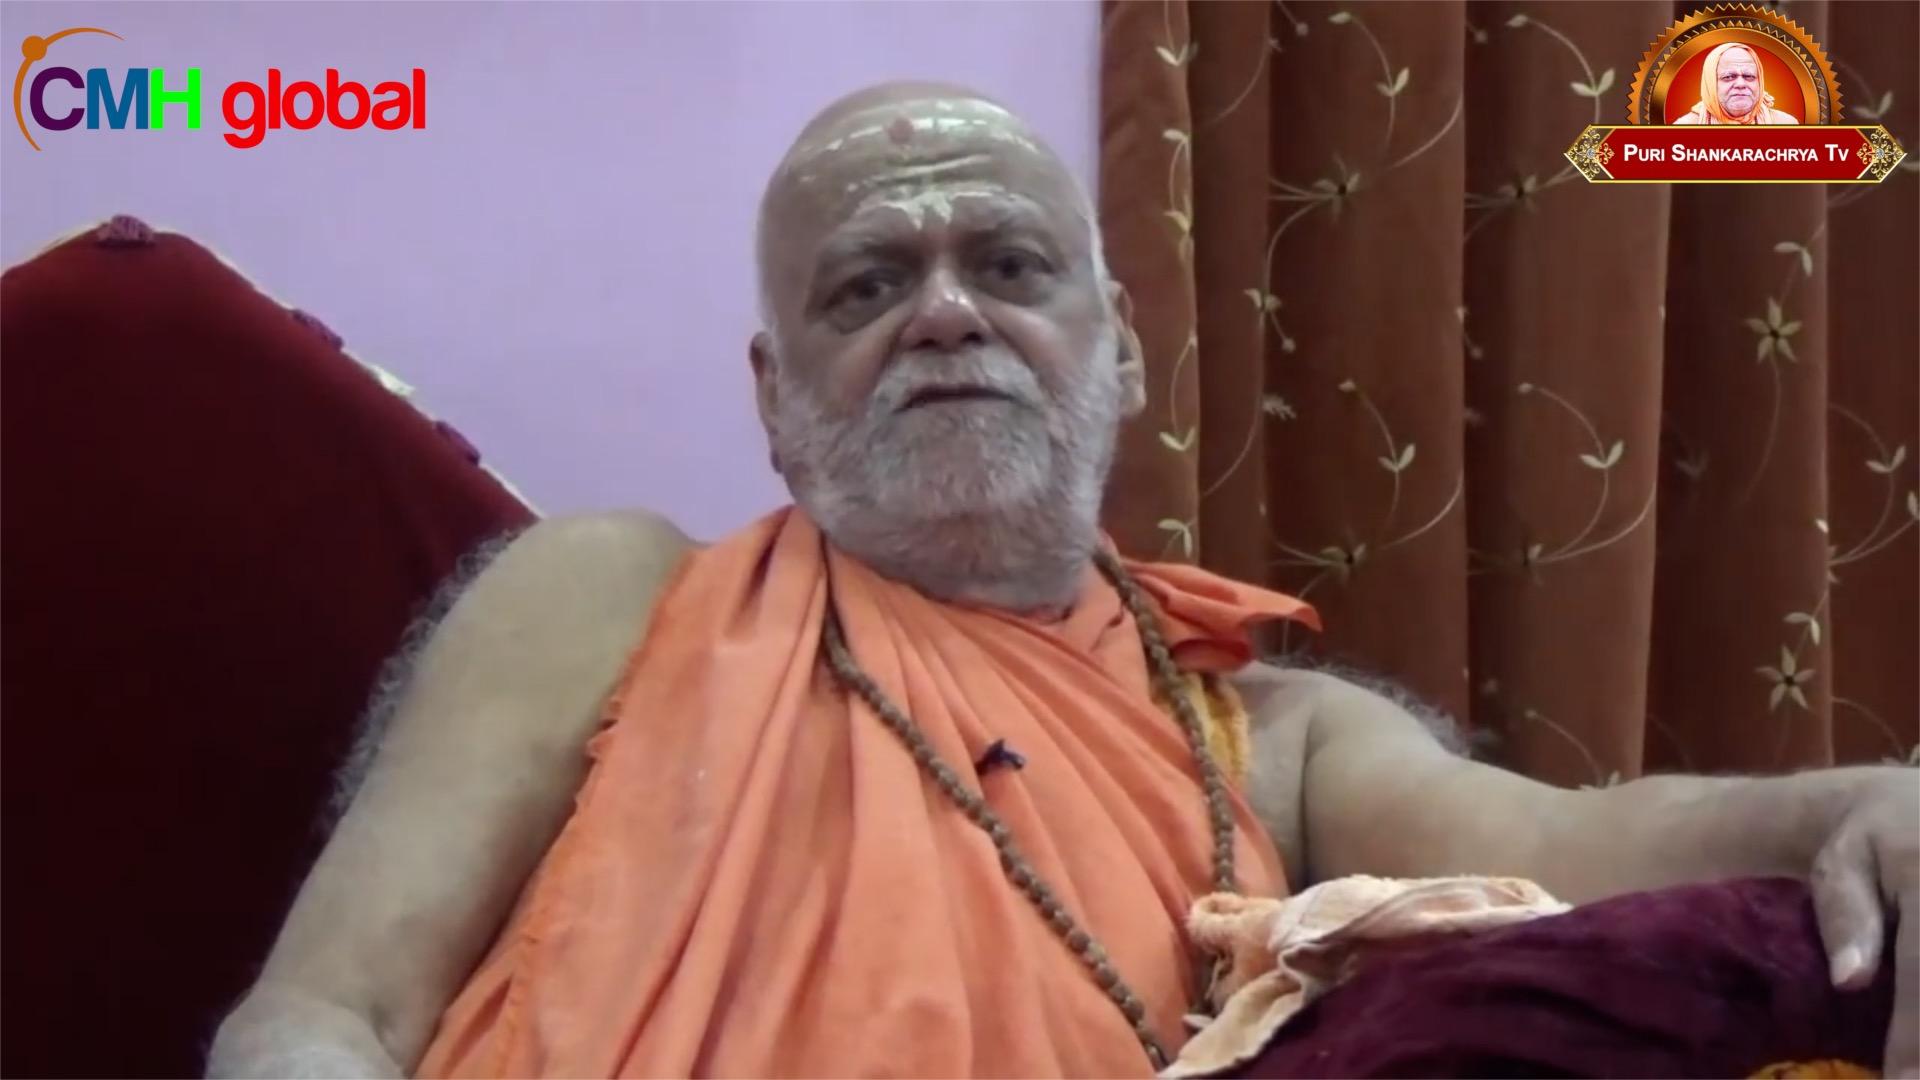 Gyan Dhara Ep -64 by Puri Shankaracharya Swami Nishchalananda Saraswati Ji